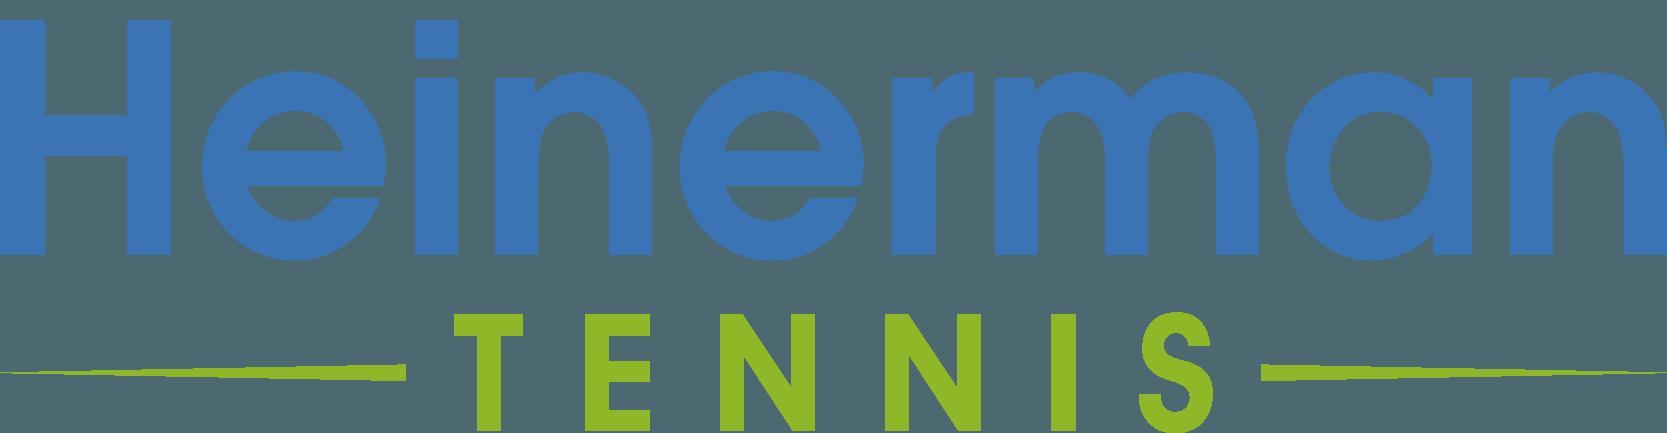 Heinerman Tennis